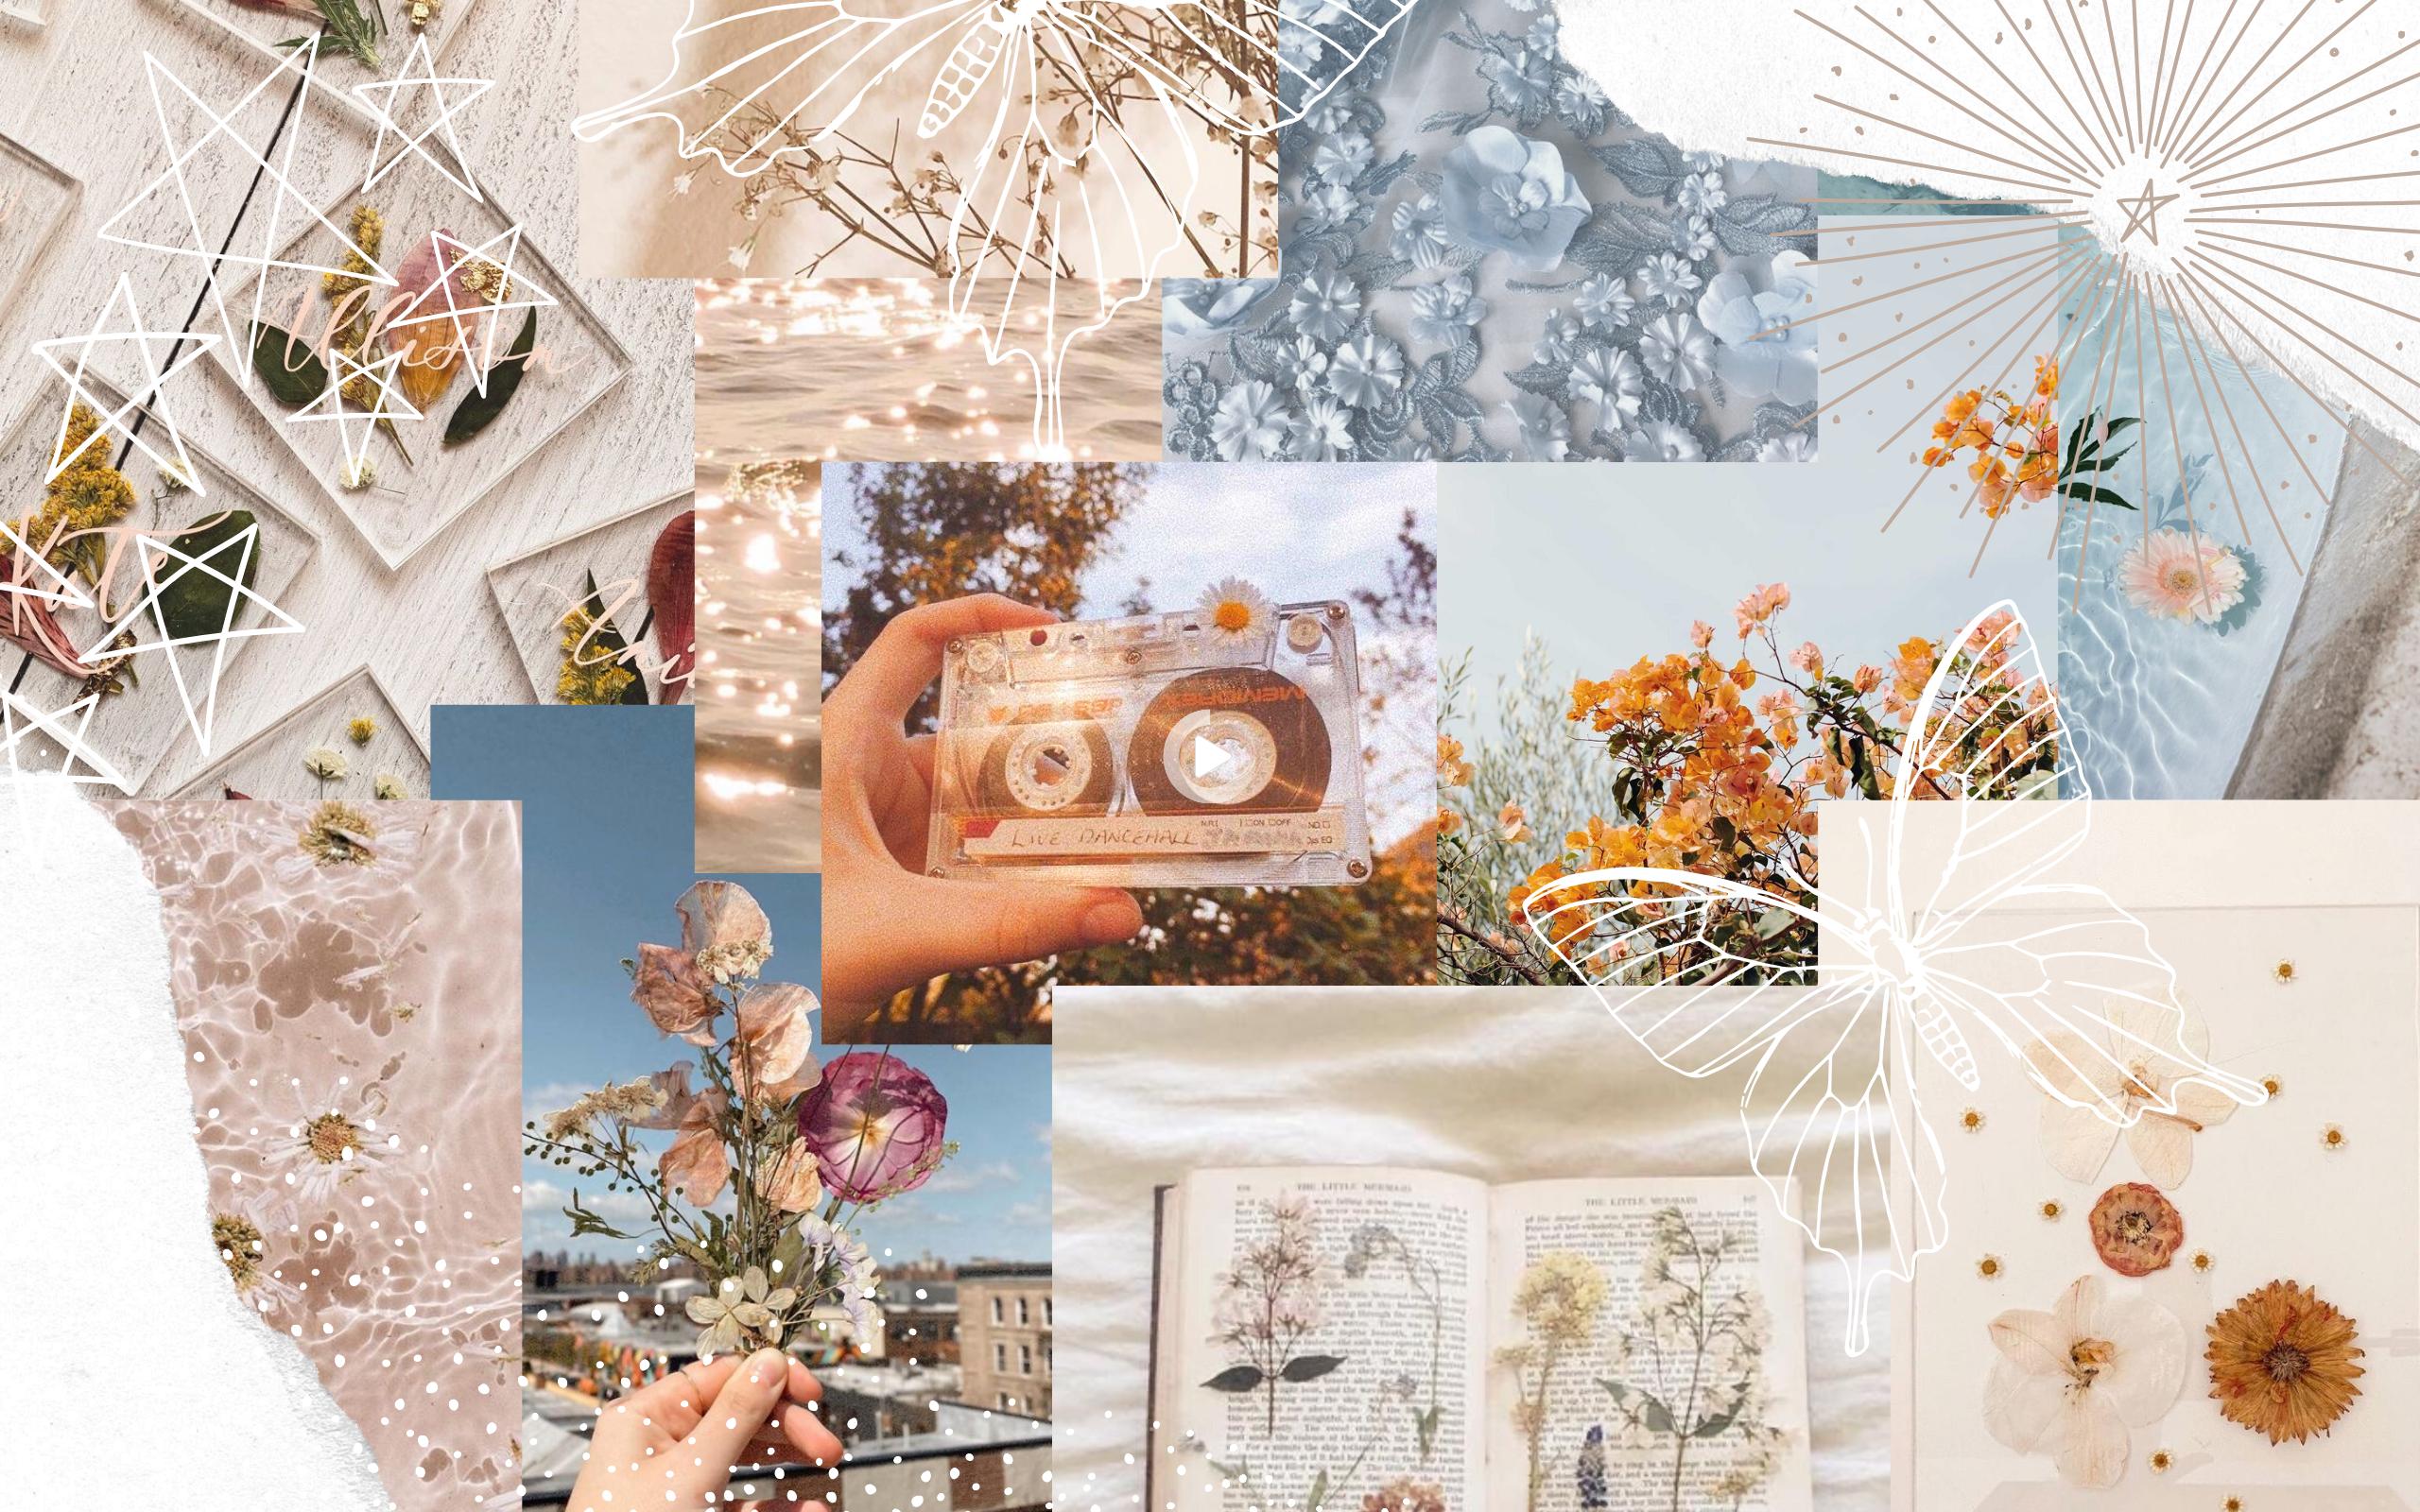 Hair Styles Weave Wavy 22 Ideas In 2021 Desktop Wallpaper Art Girl Iphone Wallpaper Cute Desktop Wallpaper